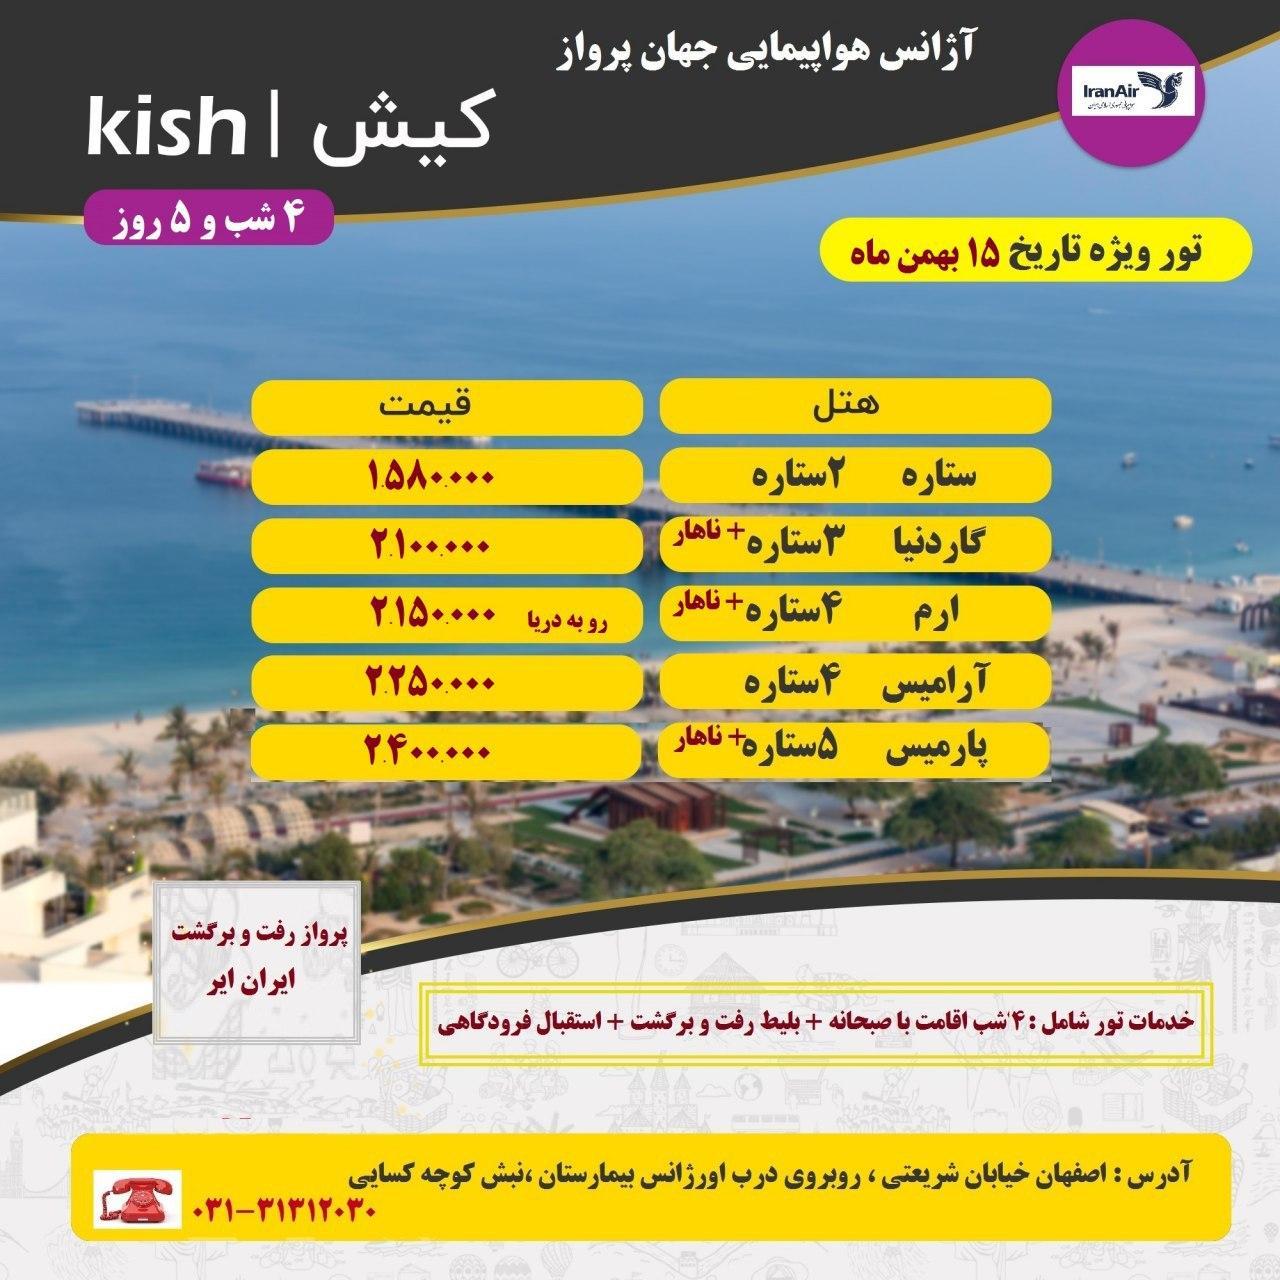 تور کیش از اصفهان 15 بهمن 98 با ایران ایر-جهان پرواز